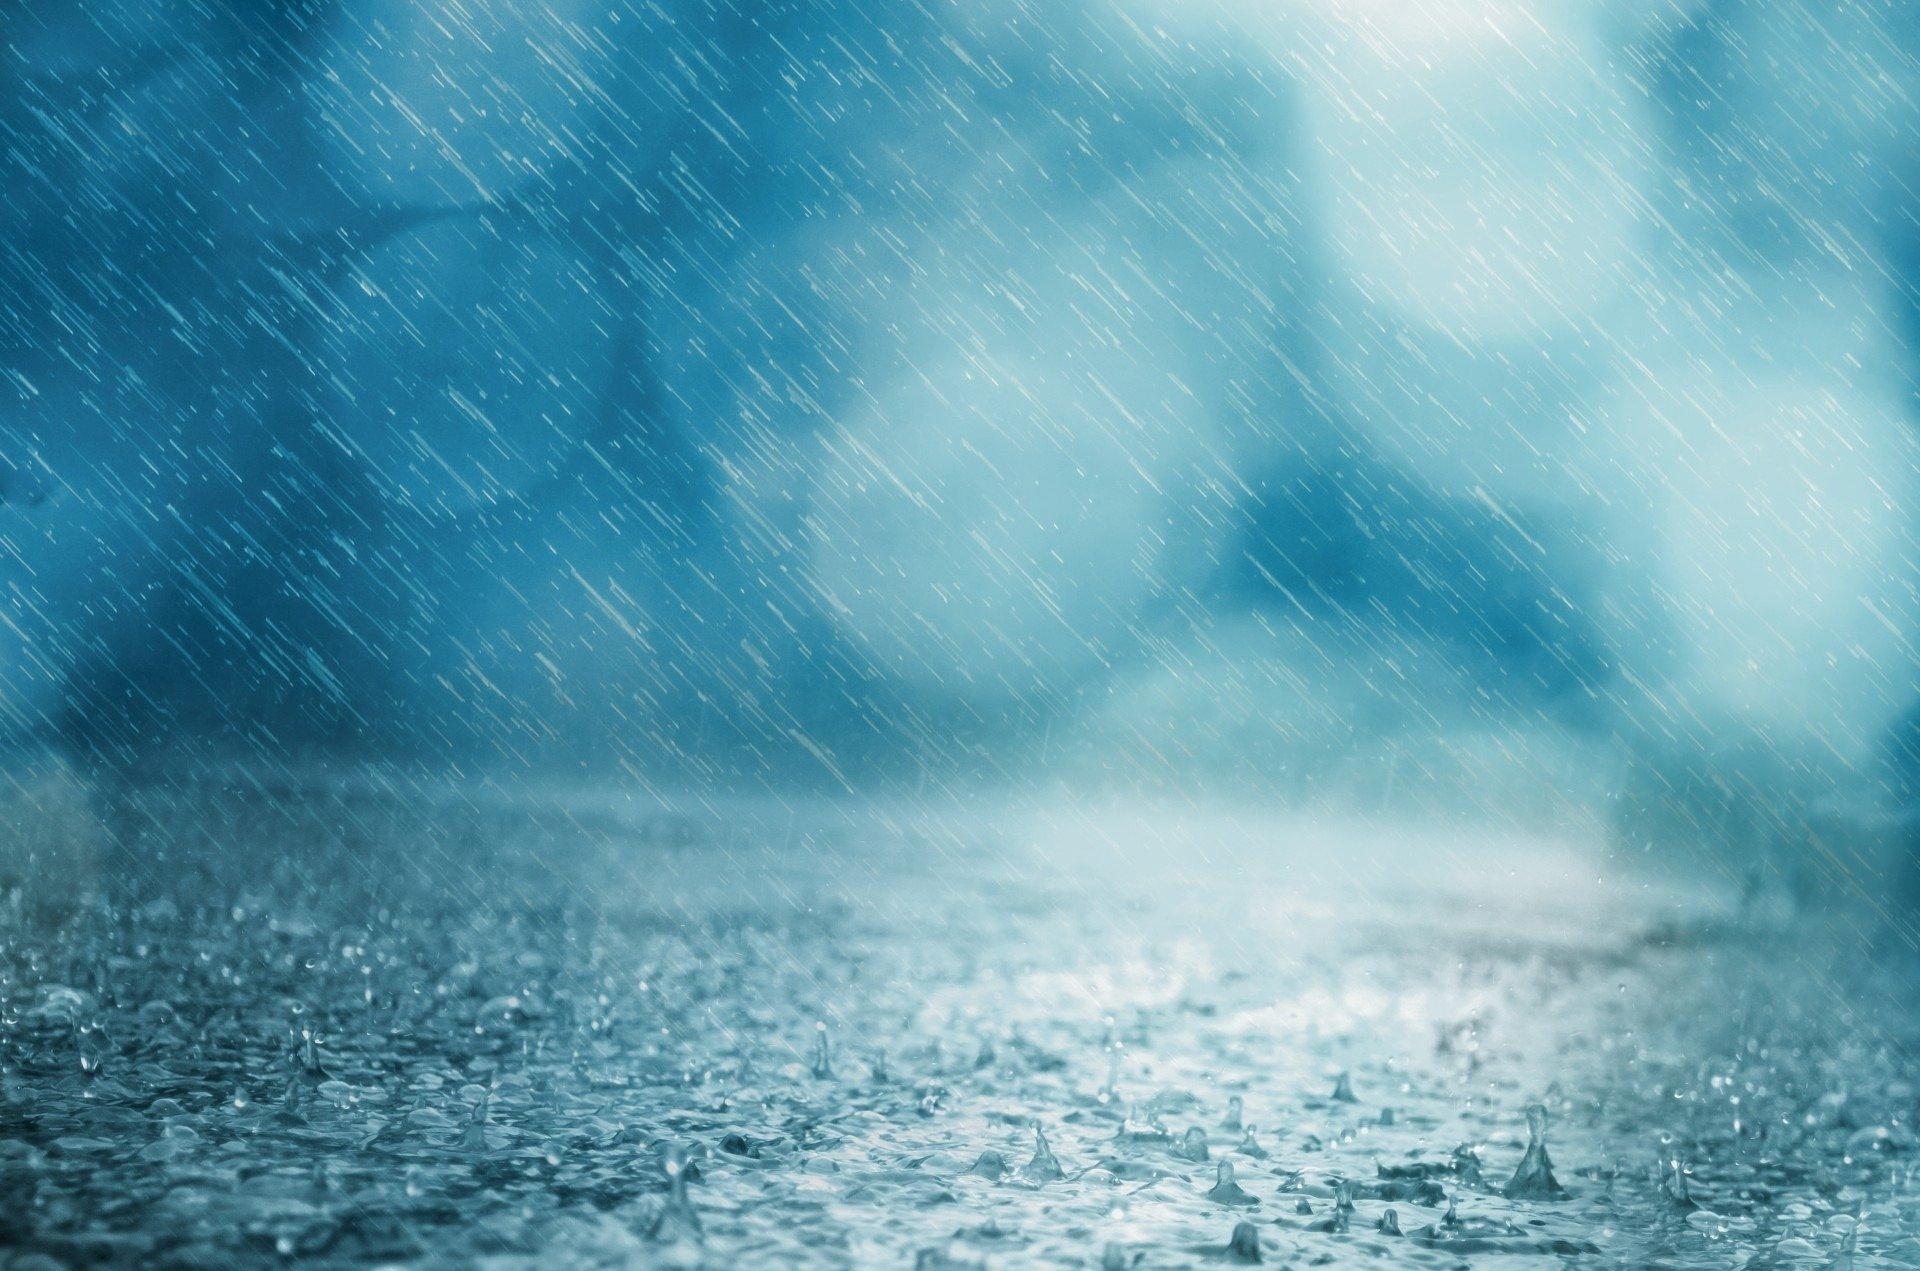 باران سیلآسا در ایلام آغاز شد / ایلام امشب اوج بارش را تجربه میکند